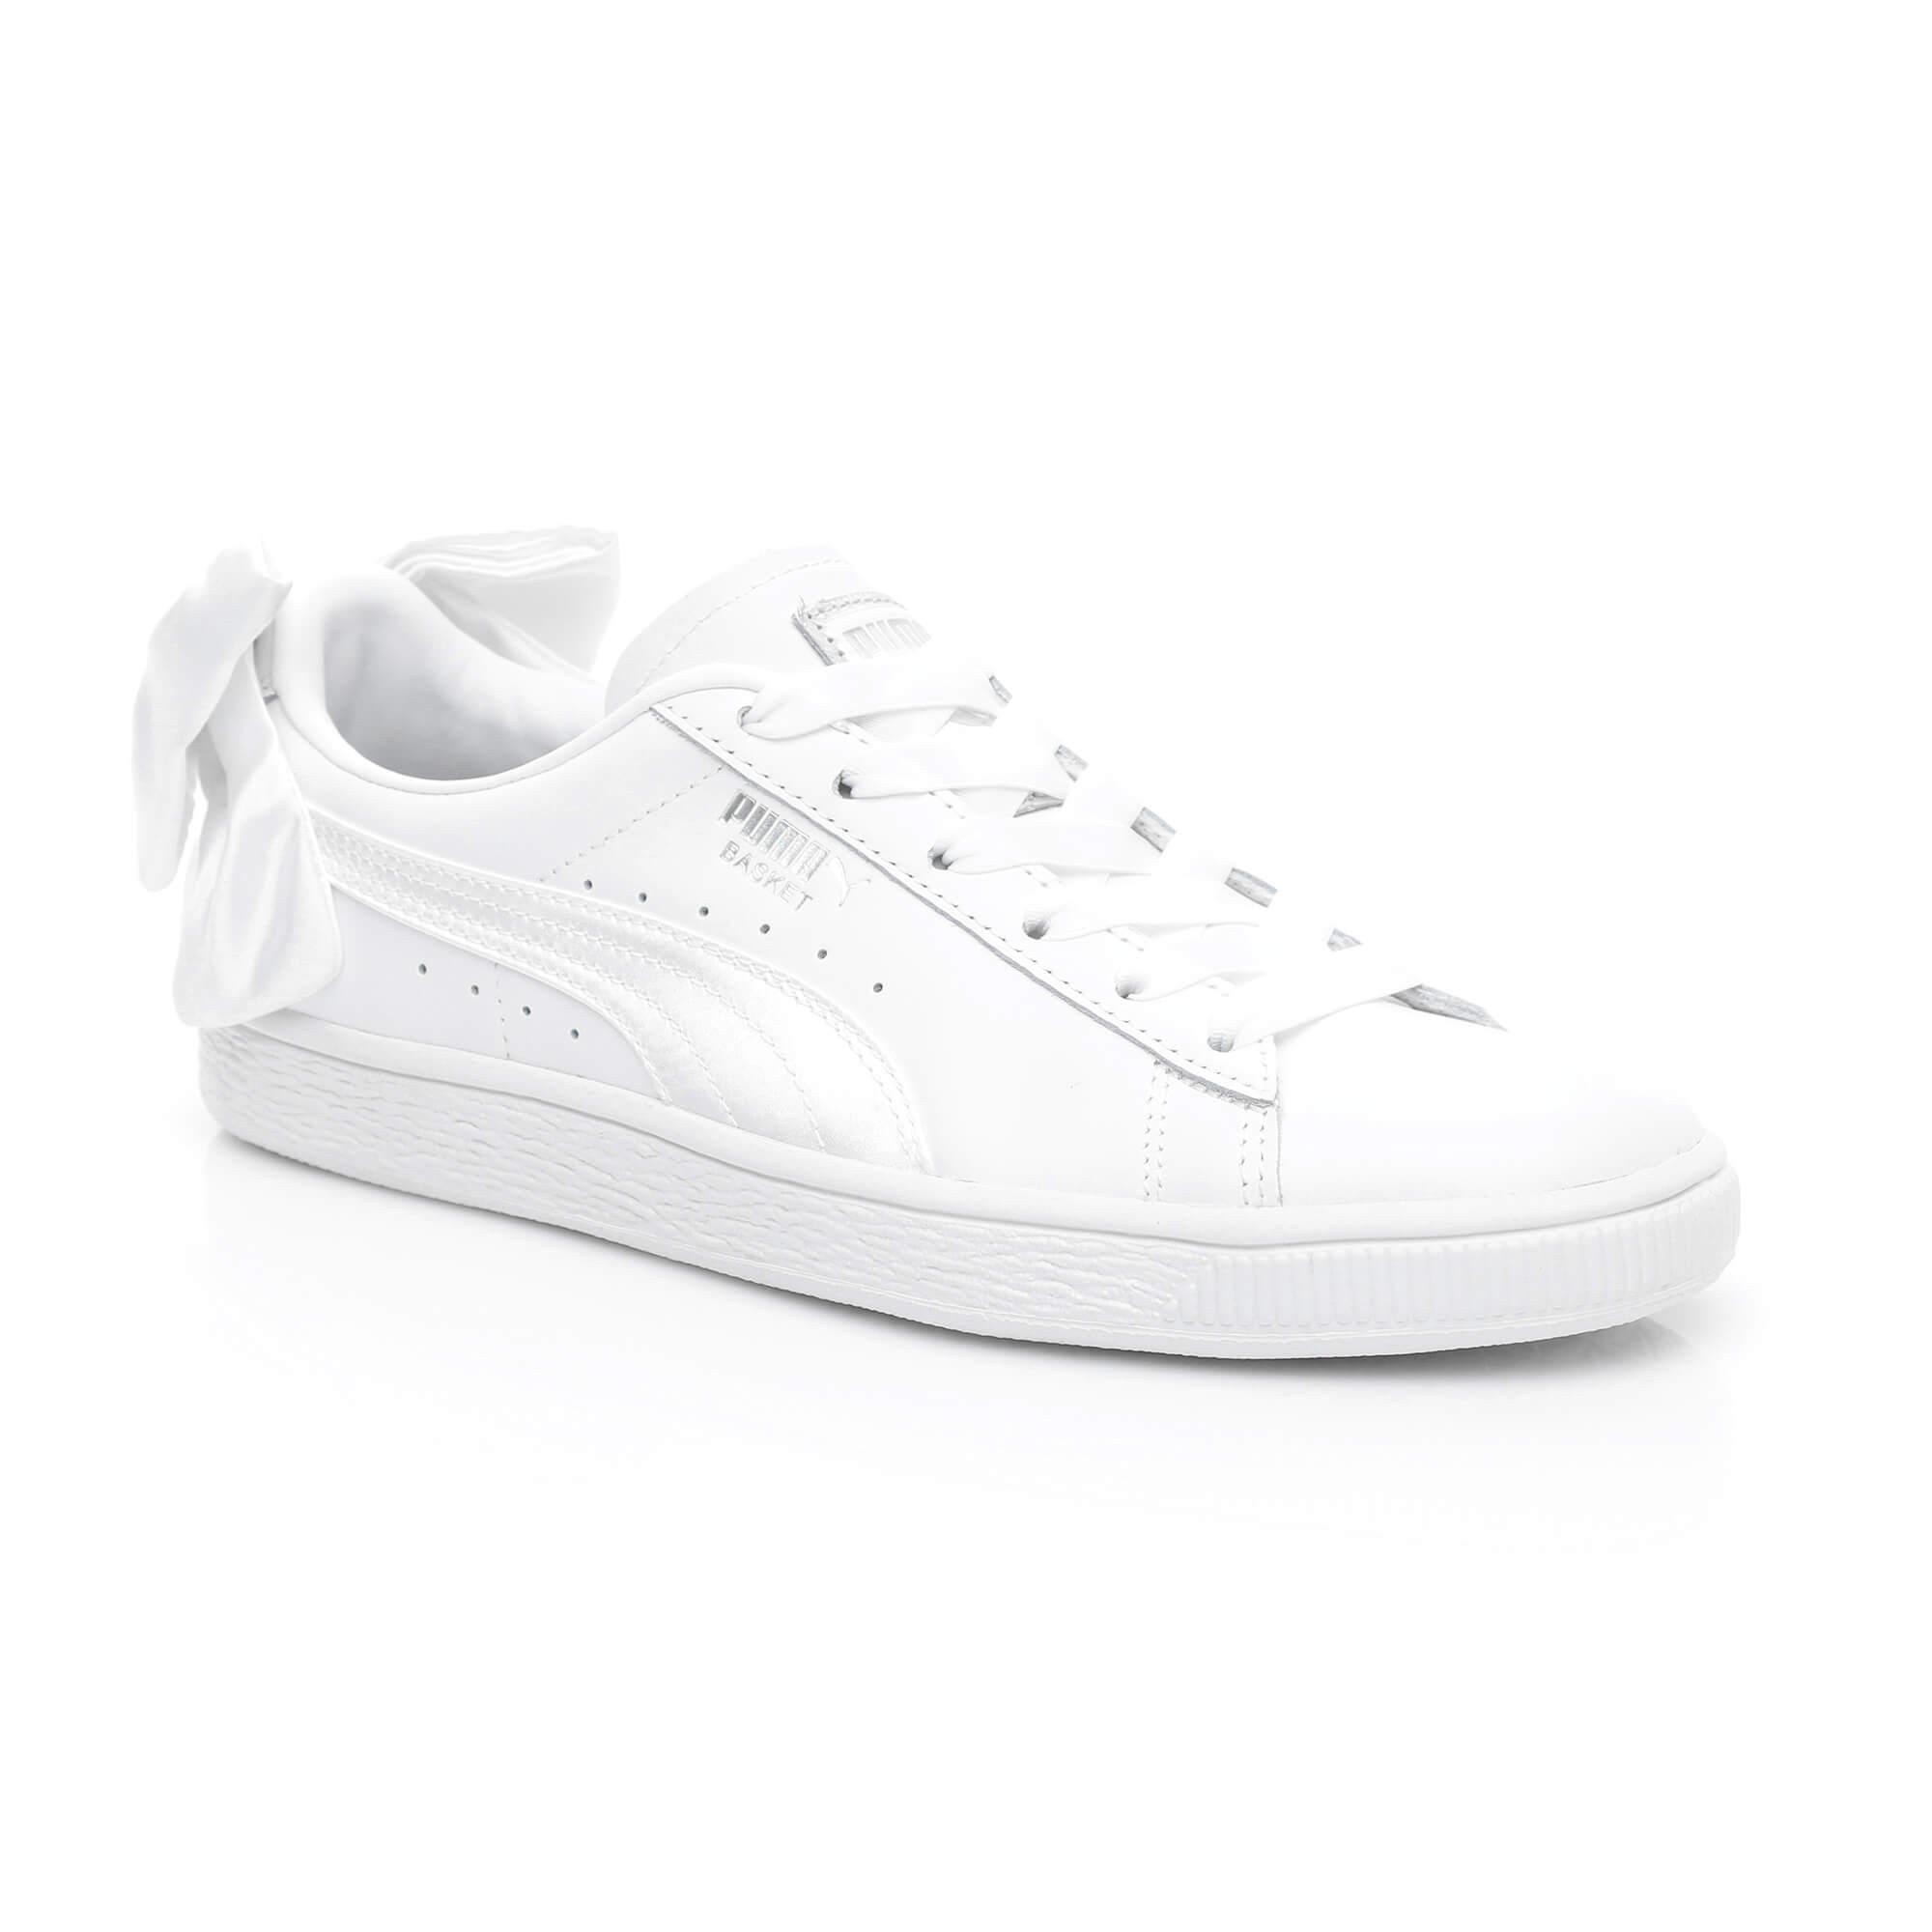 Puma Basket Bow Kadın Beyaz Sneaker